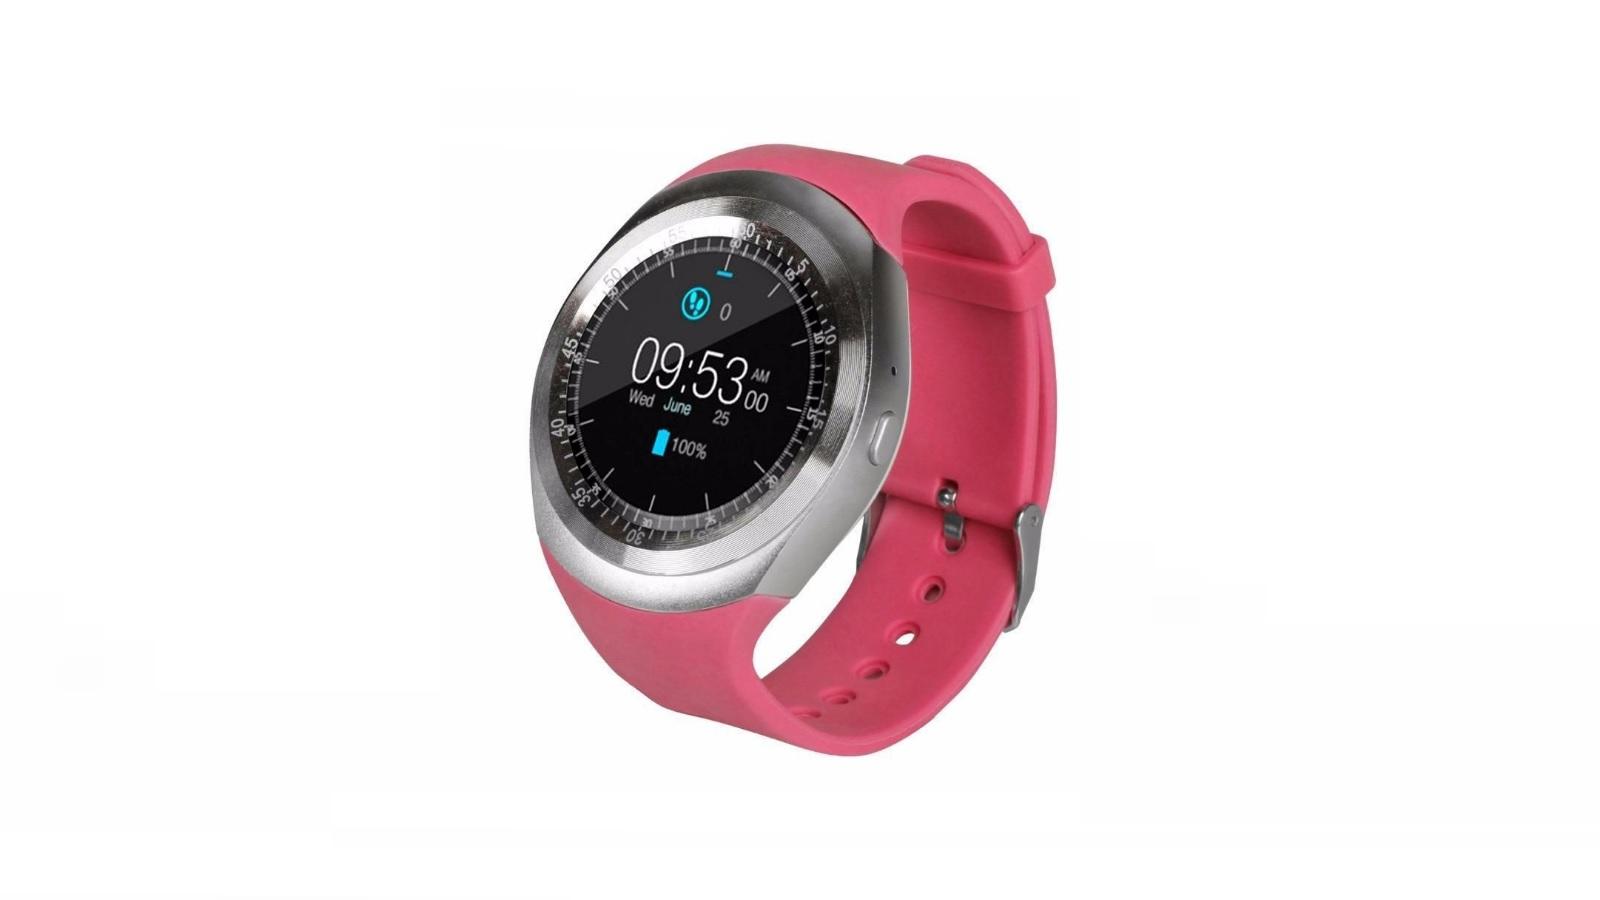 Умные часы ZDK Y1 Rose умные часы ginzzu® gz 701 black 50м android ios bluetooth мониторинг сна калорий физ активности